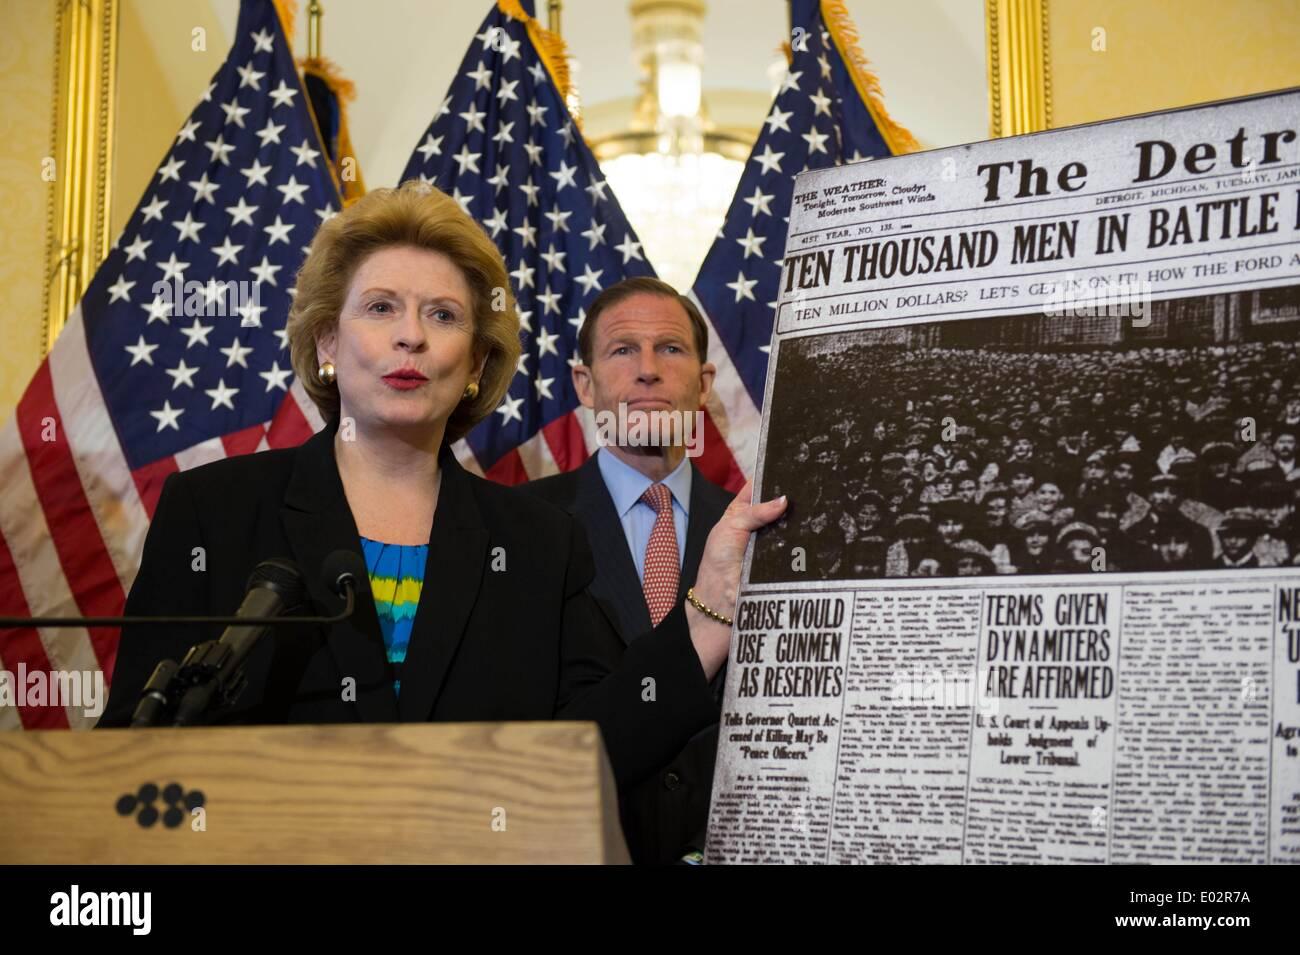 Michigan Senator Debbie Stabenow stand con un gruppo dei democratici per il lancio di un push per approvare una legge che garantisca il pagamento equità tra uomini e donne e una proposta per aumentare il minimo federale di aumento salariale a $10.10 per ora il 29 aprile 2014 a Washington, DC. Immagini Stock